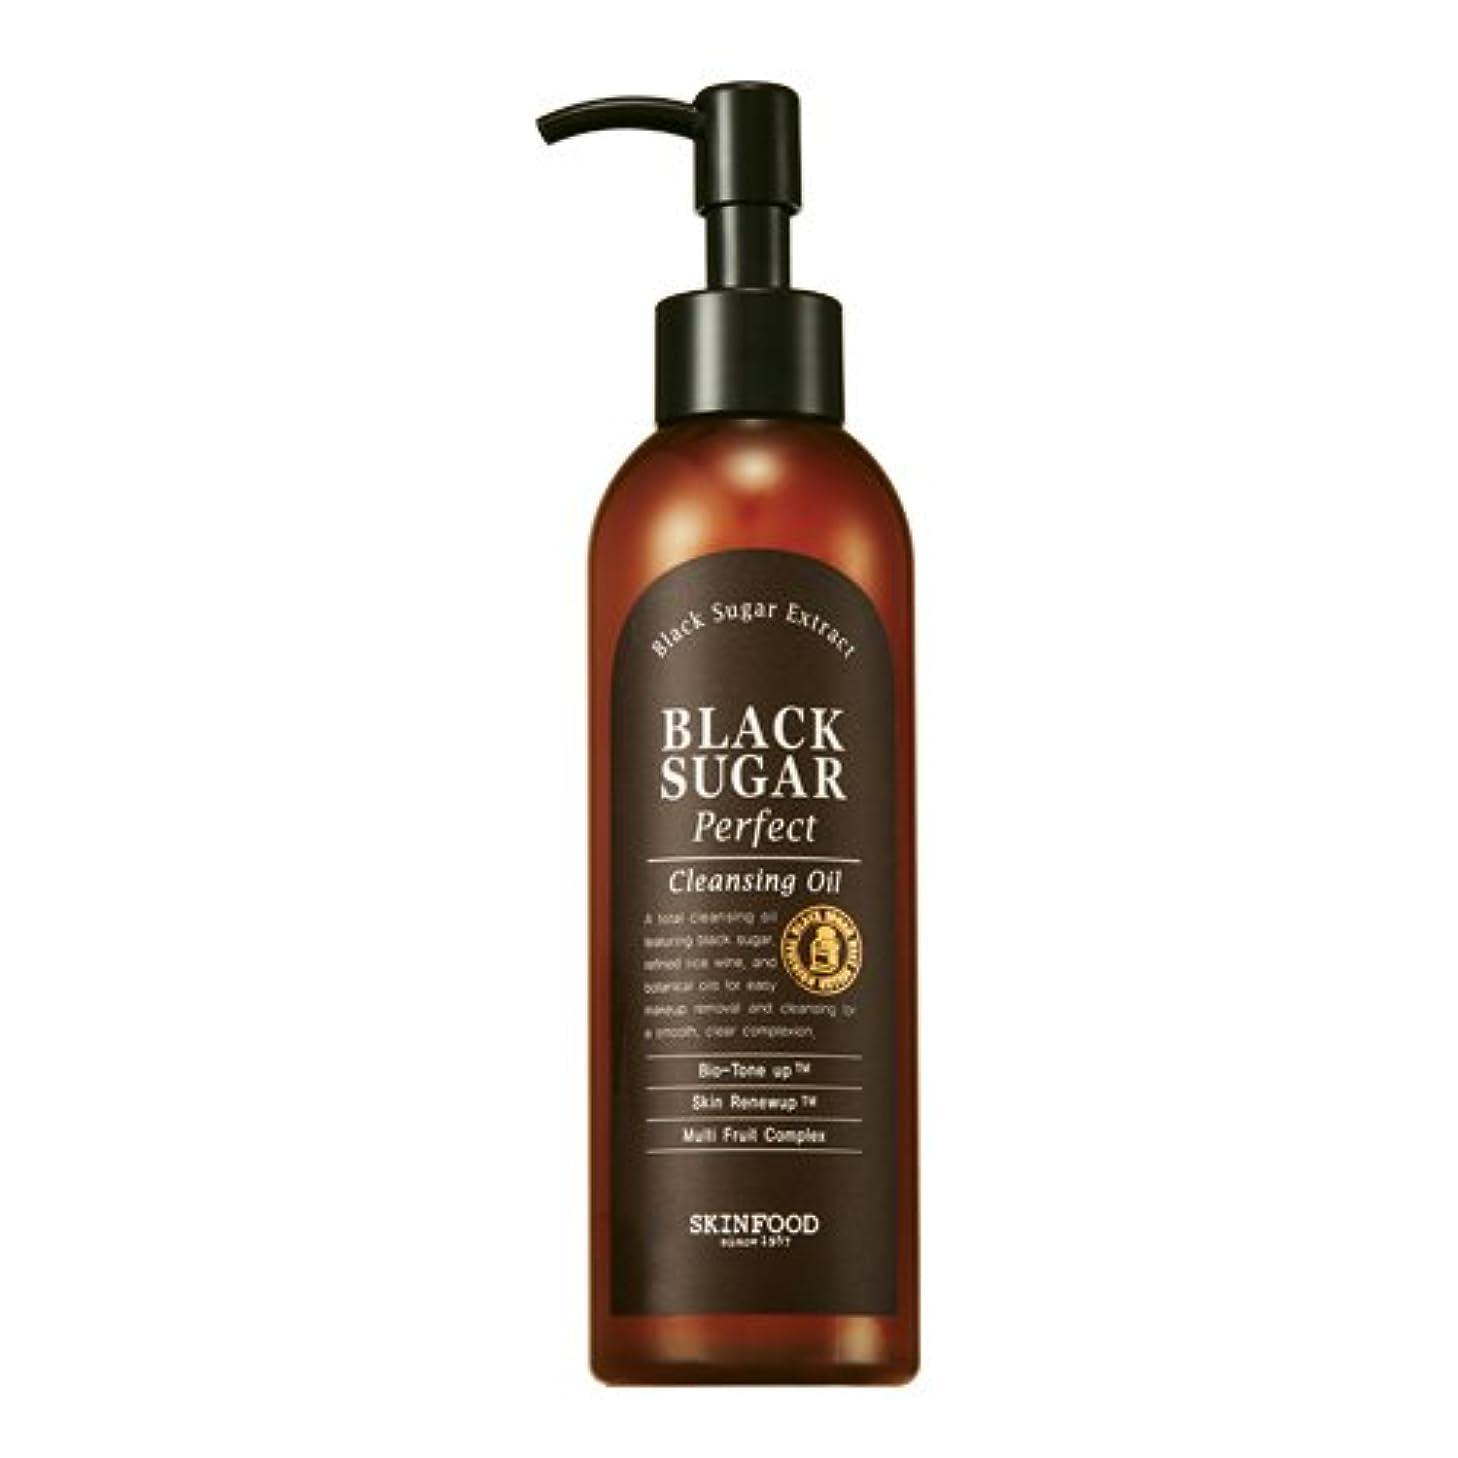 インキュバスズーム百科事典Skinfood/Black Sugar Perfect Cleansing Oil/ブラックシュガーパーフェクトクレンジングオイル/200ml [並行輸入品]